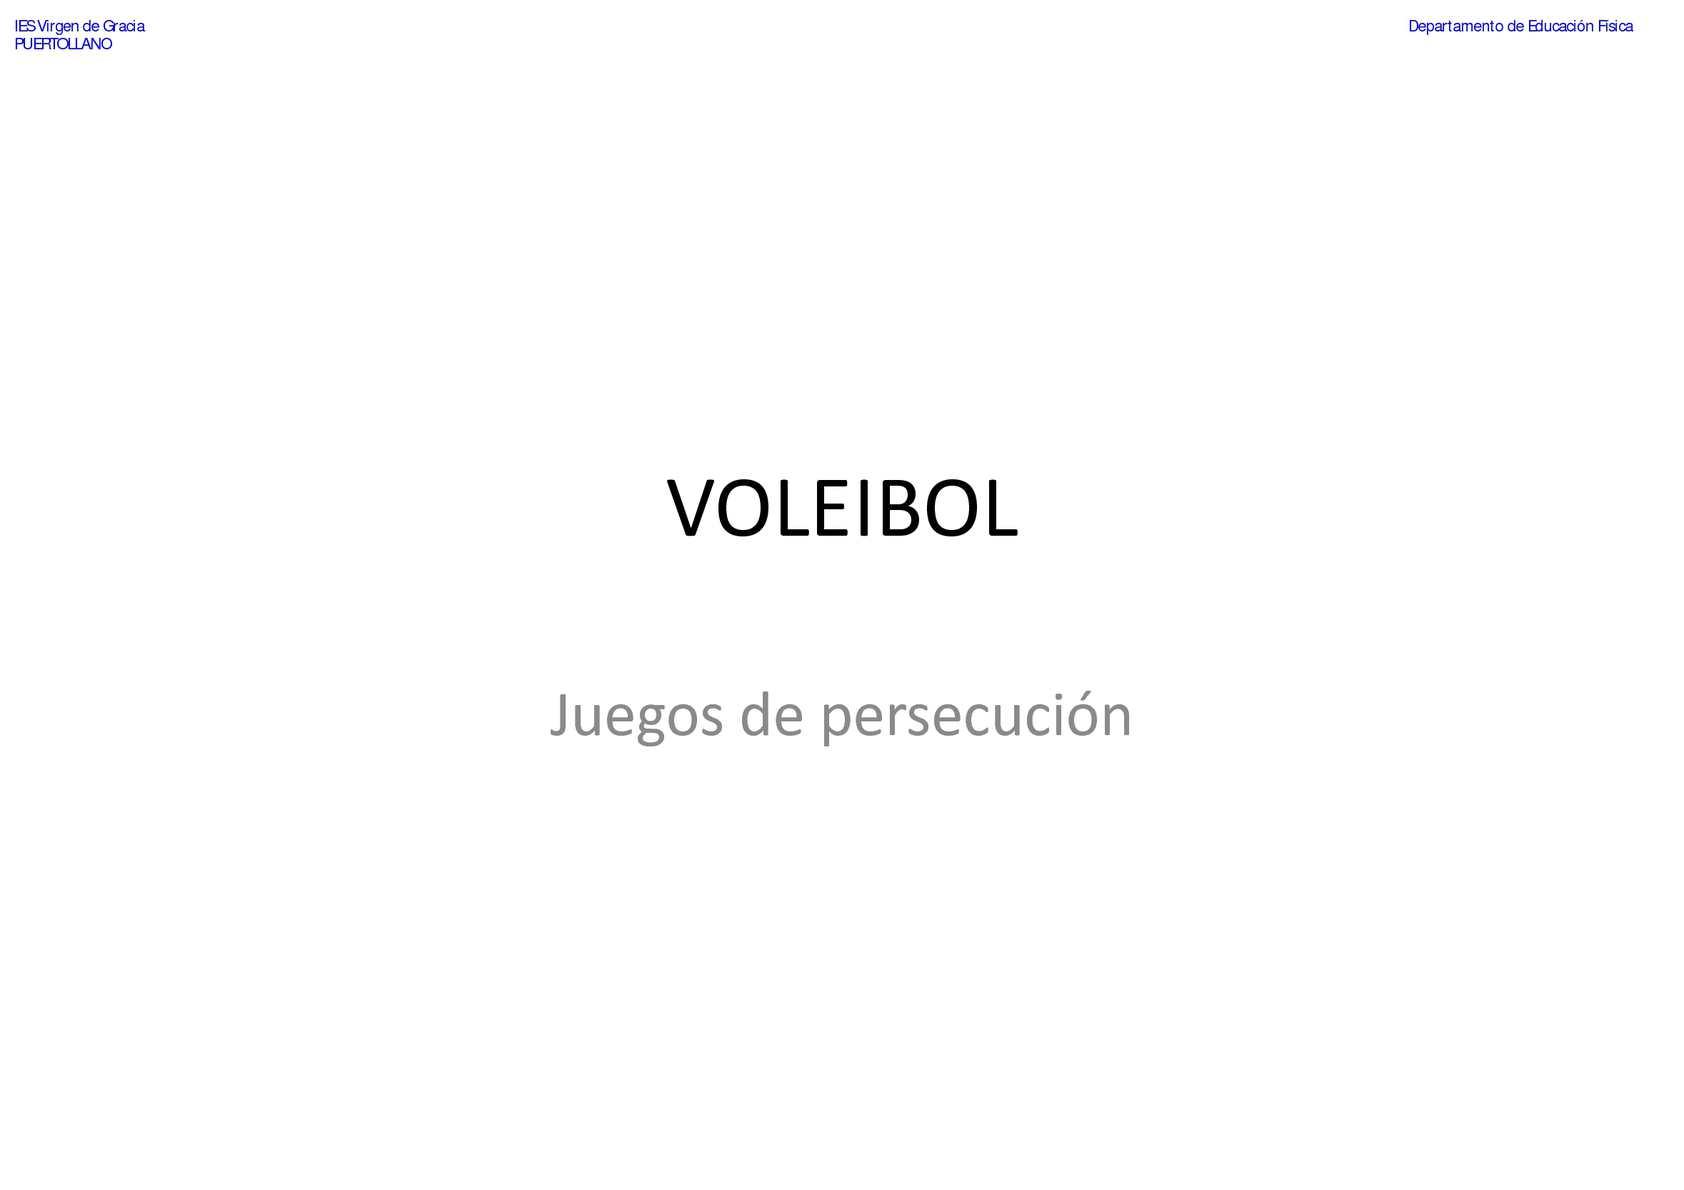 VOLEIBOL - Juegos de Persecución